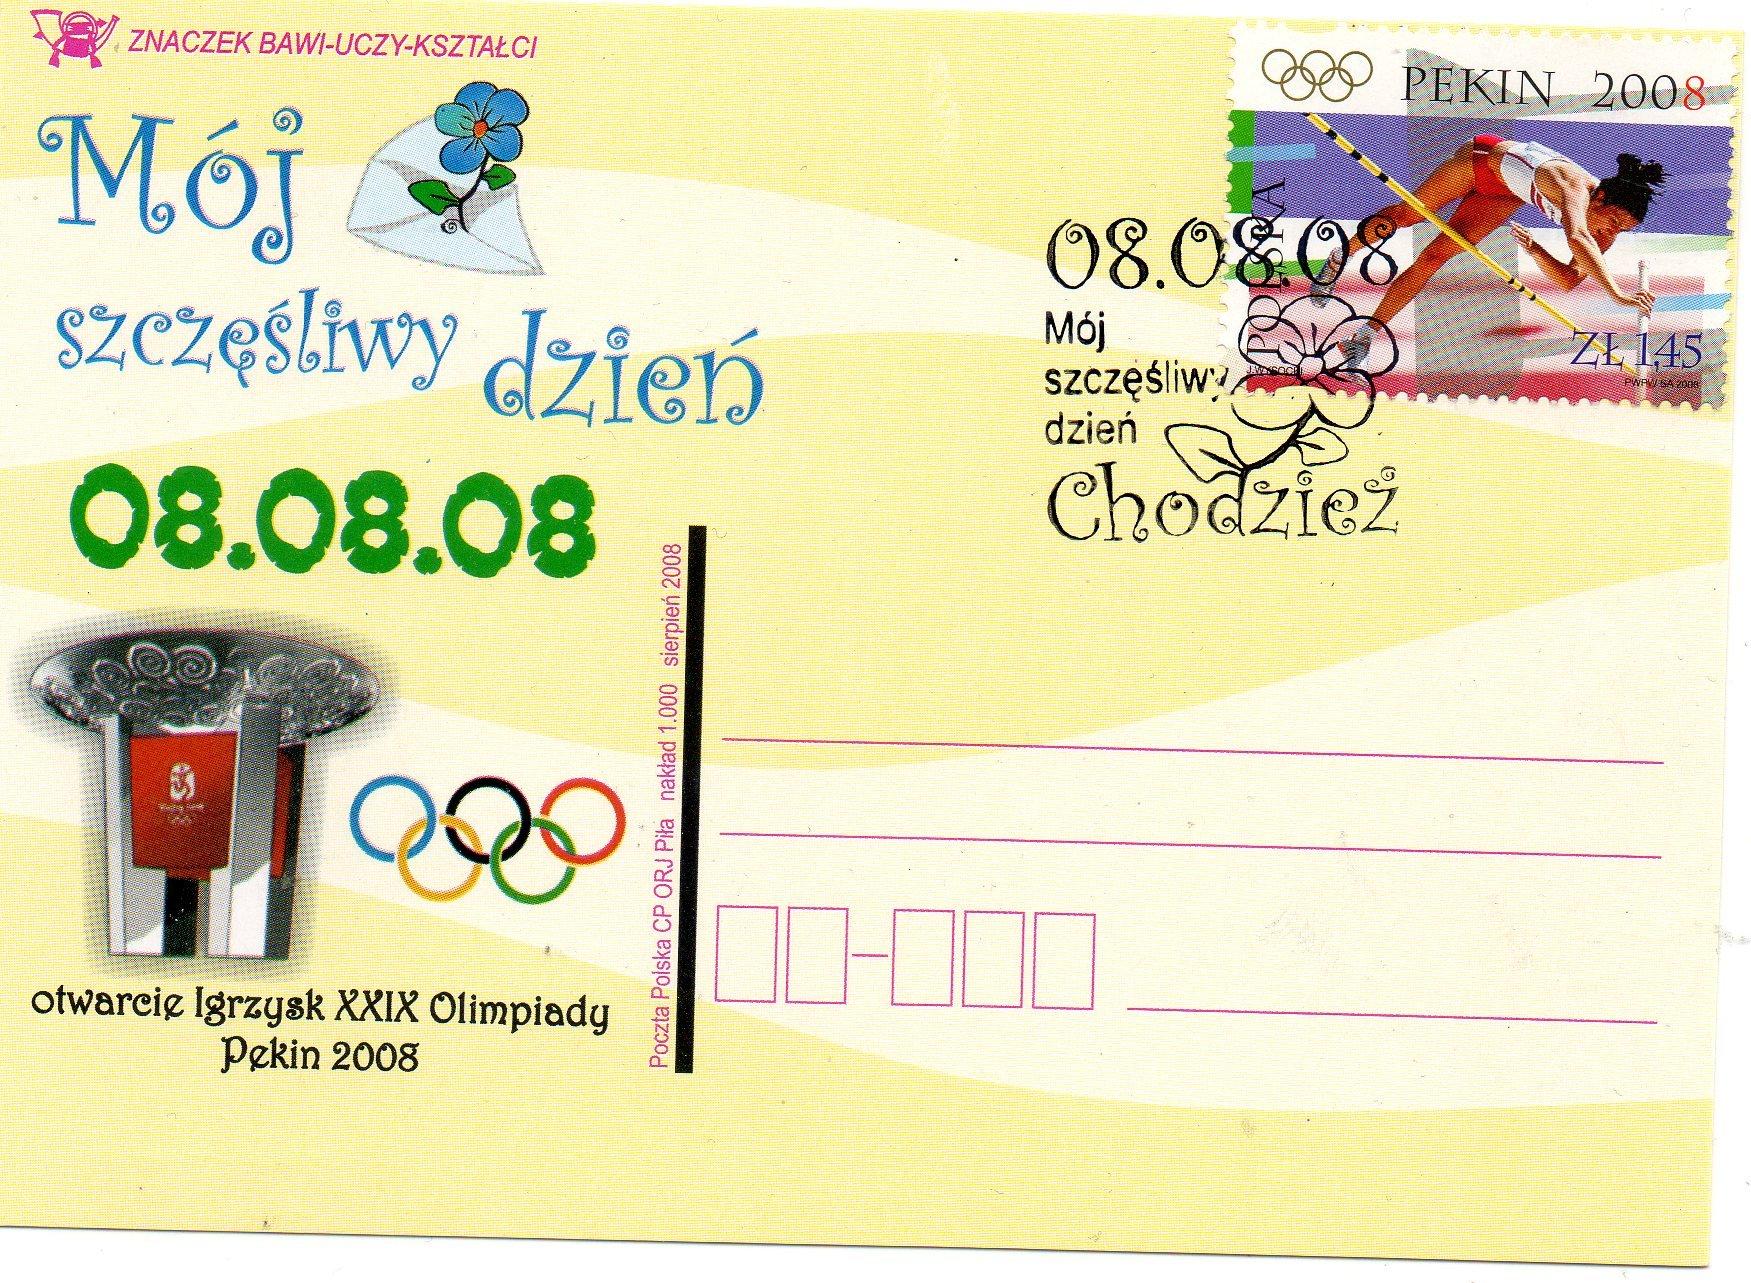 Otwarcie Igrzysk XXIX Olimpiady PEKIN 08.08.08